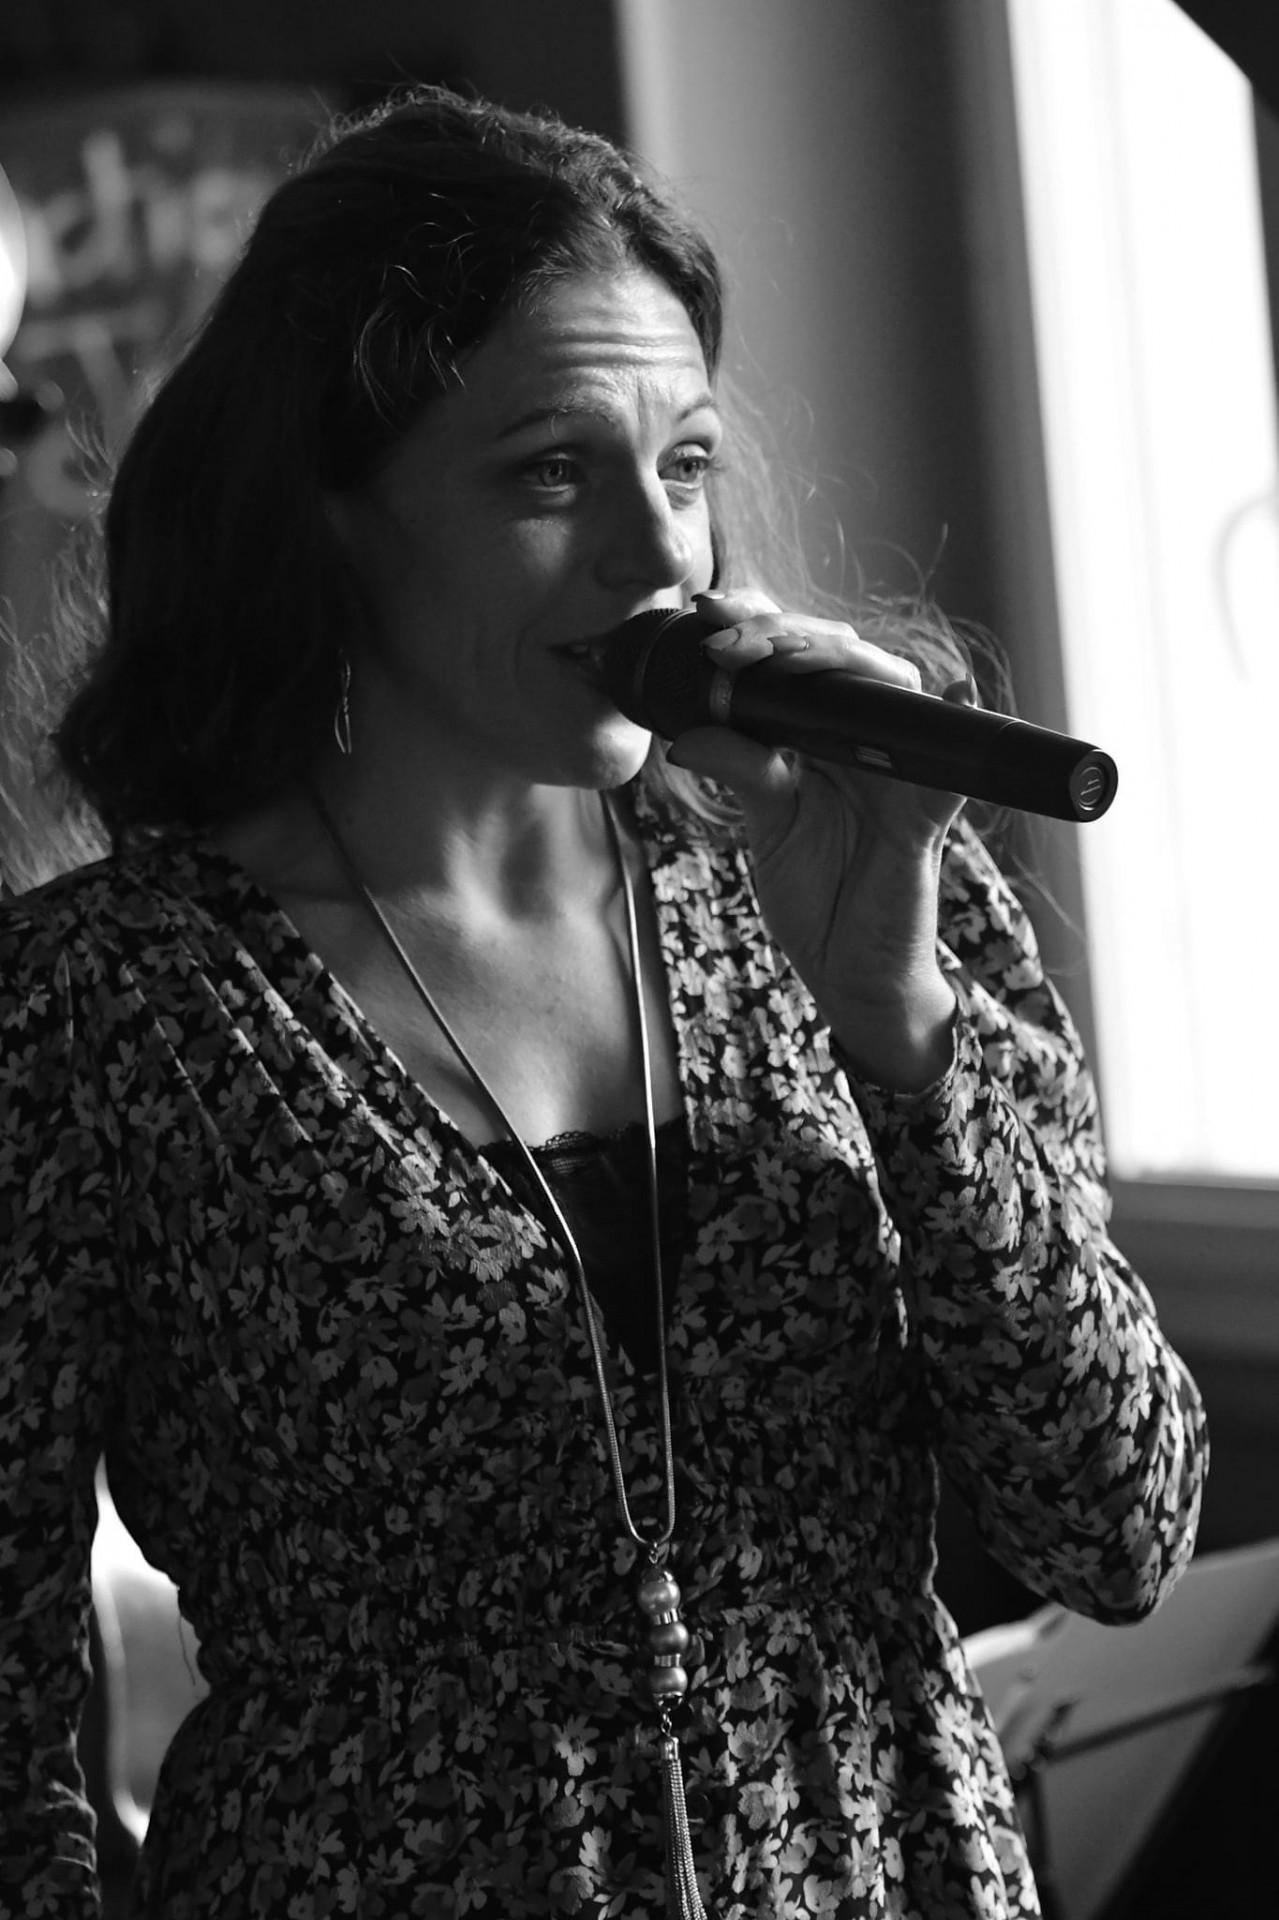 Delphine Sartore